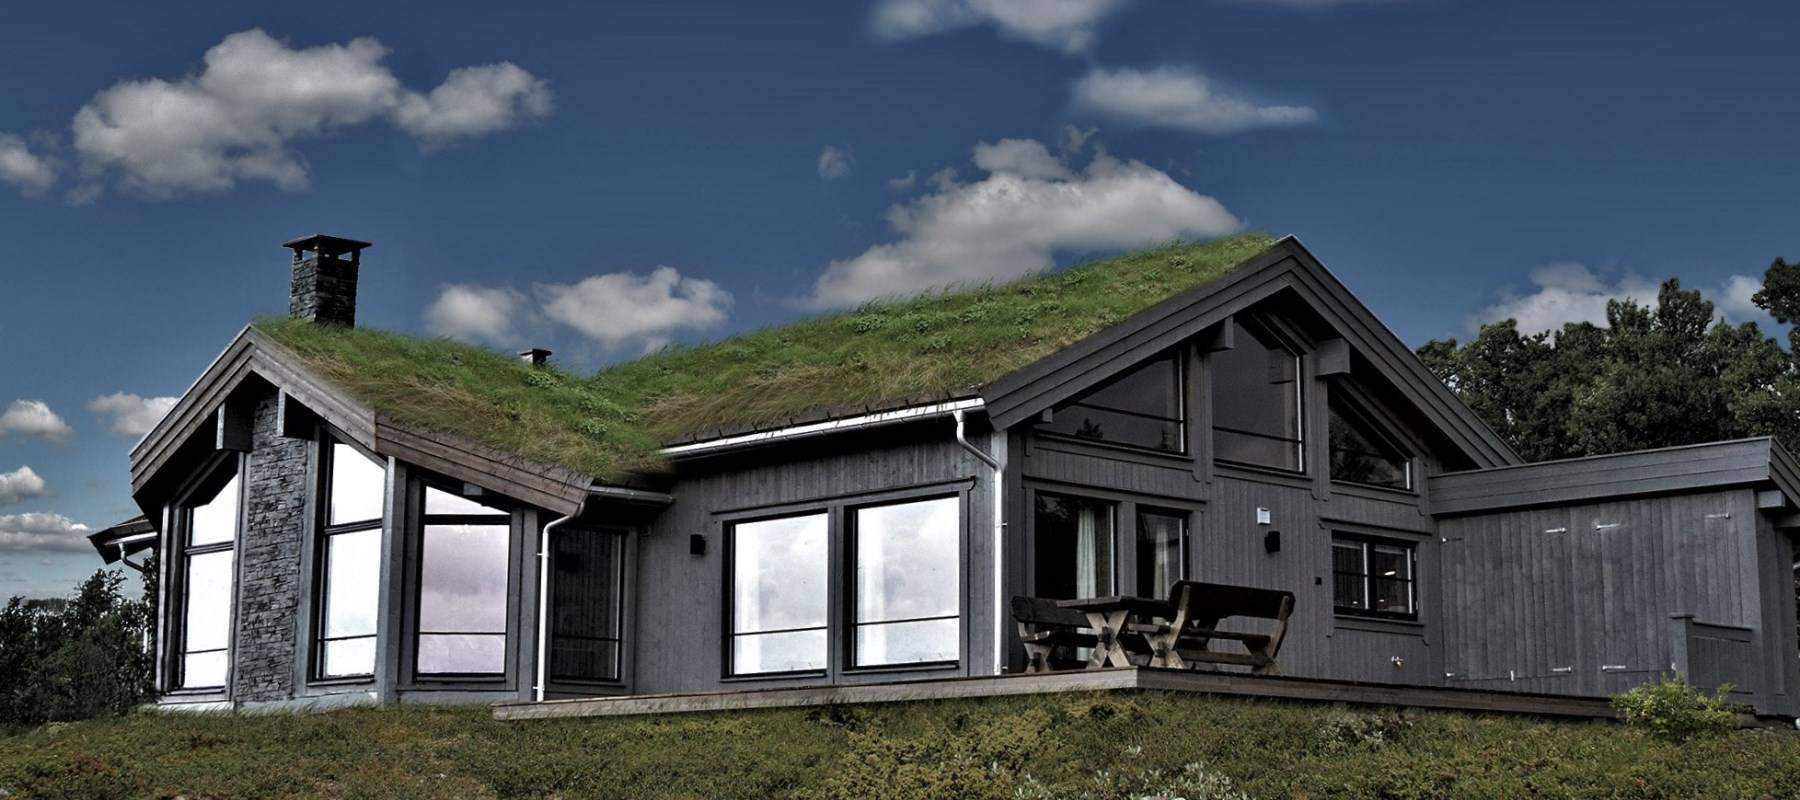 28 Hyttemodell Hytteinspirasjon Hytte Uvdal